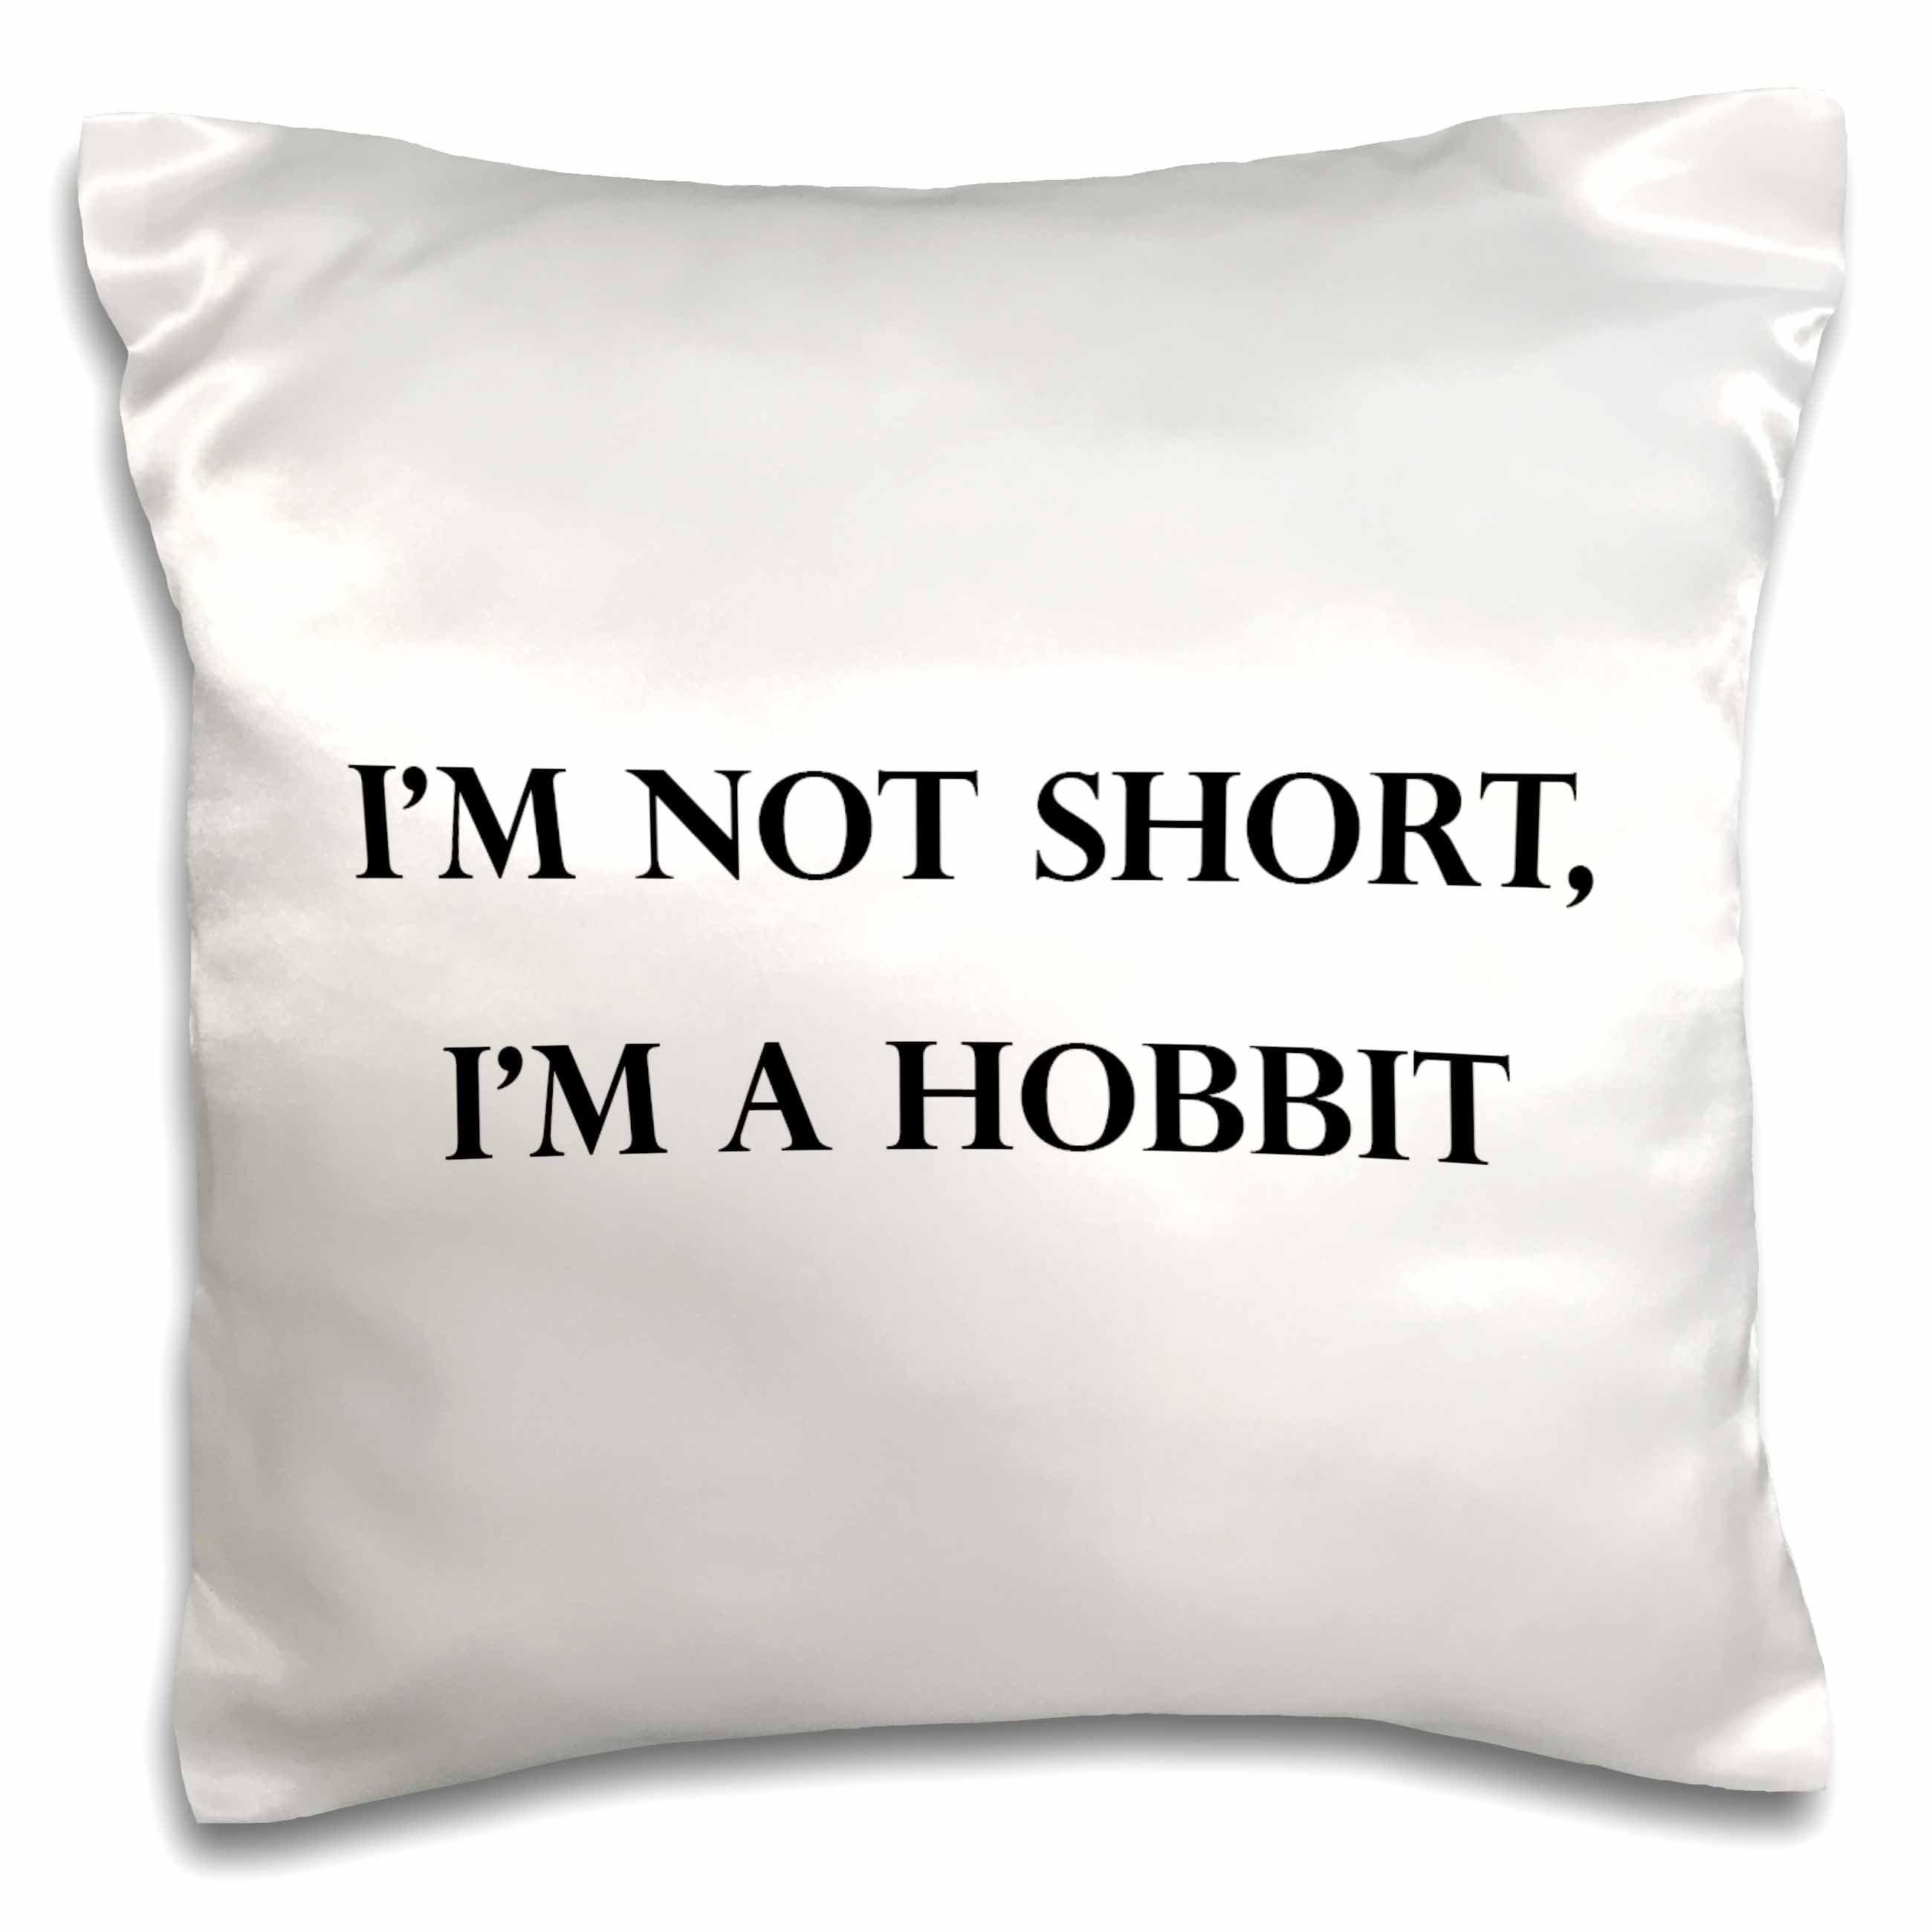 3dRose IM NOT SHORT, IM A HOBBIT, Pillow Case, 16 by 16-inch